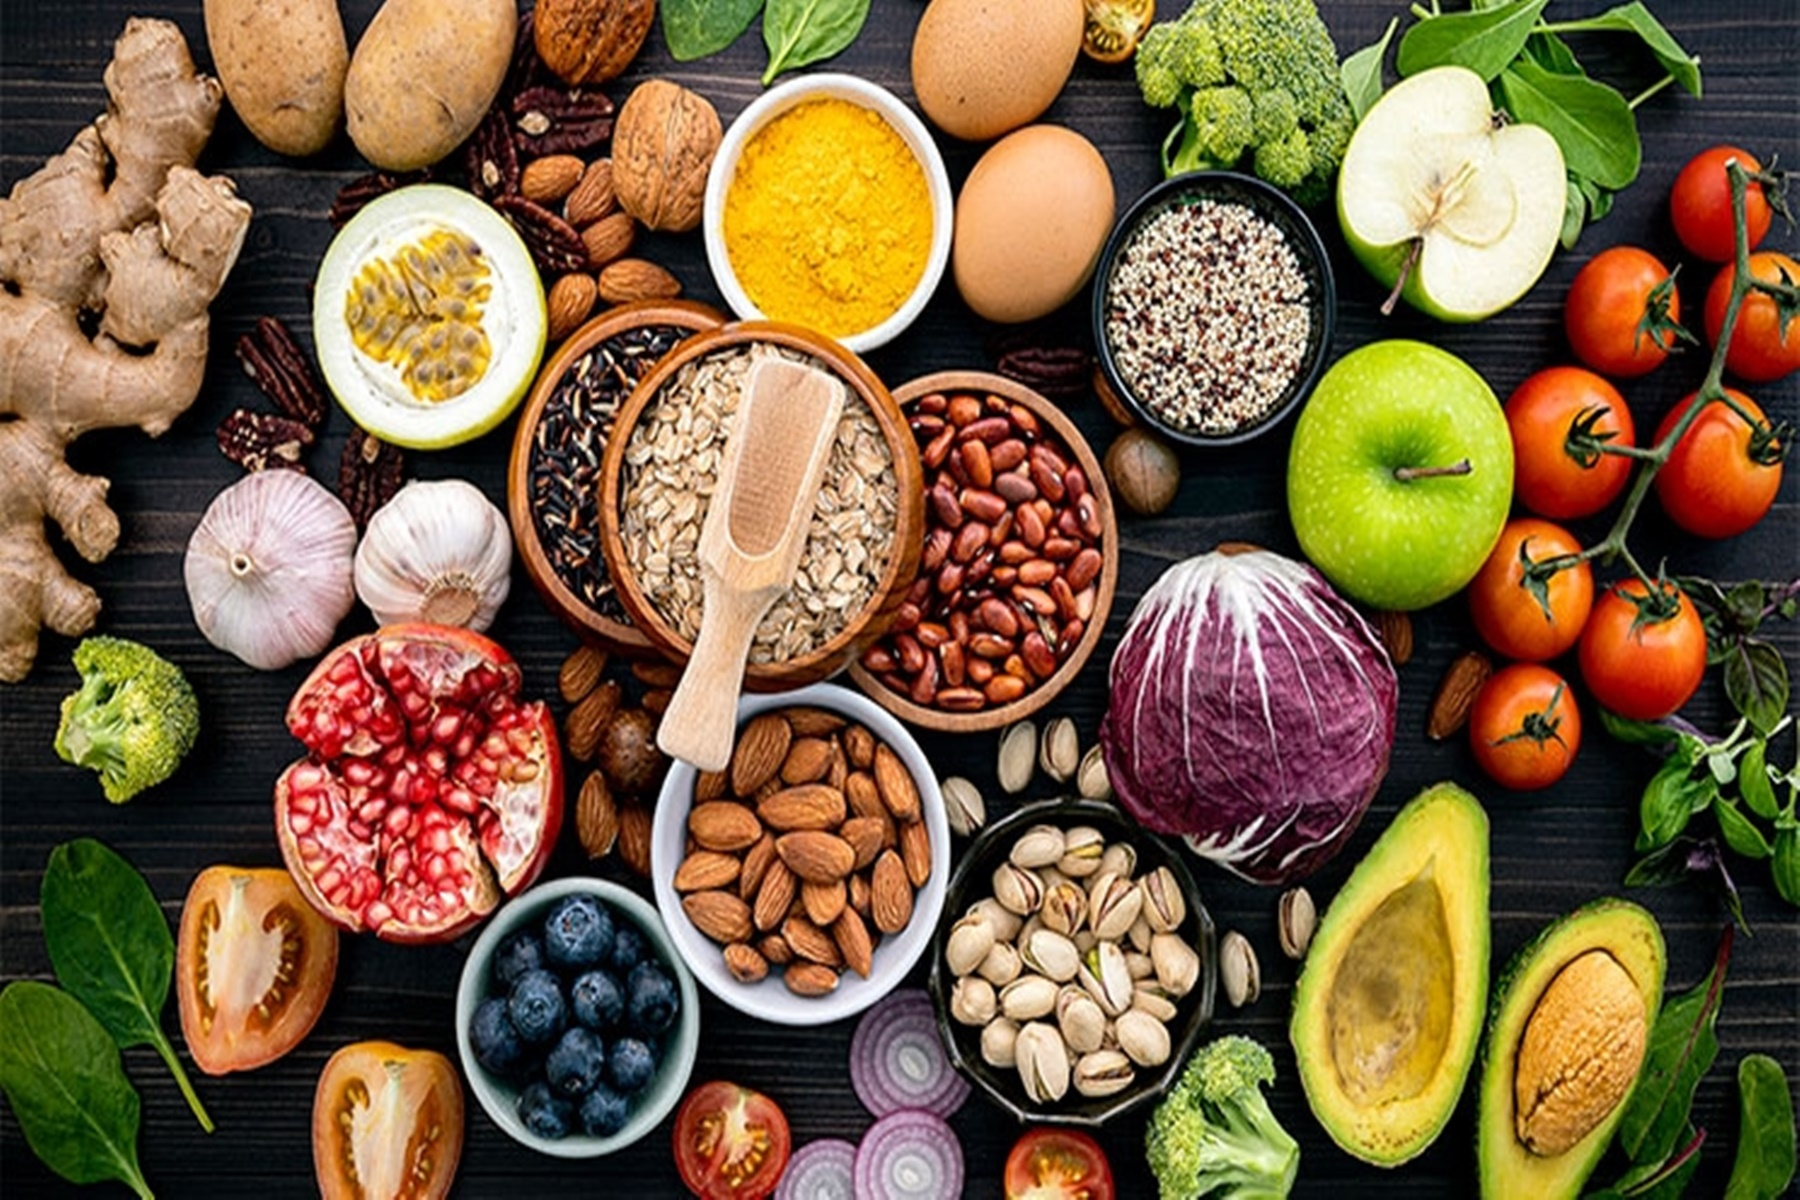 Υγιεινή διατροφή : Τα οφέλη της στον οργανισμό